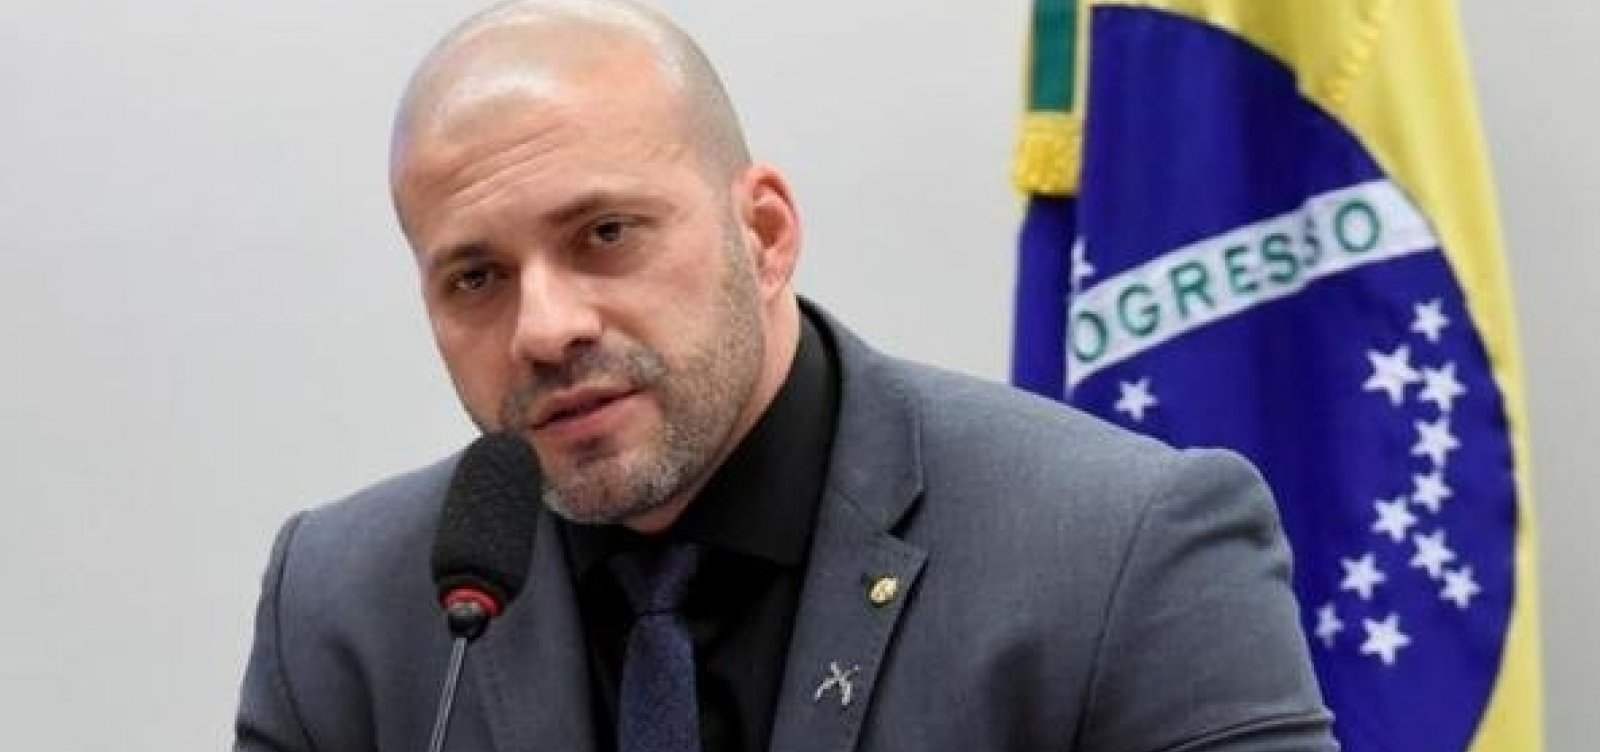 Após prisão, vice-presidente do PSL irá solicitar expulsão do deputado Daniel Silveira do partido